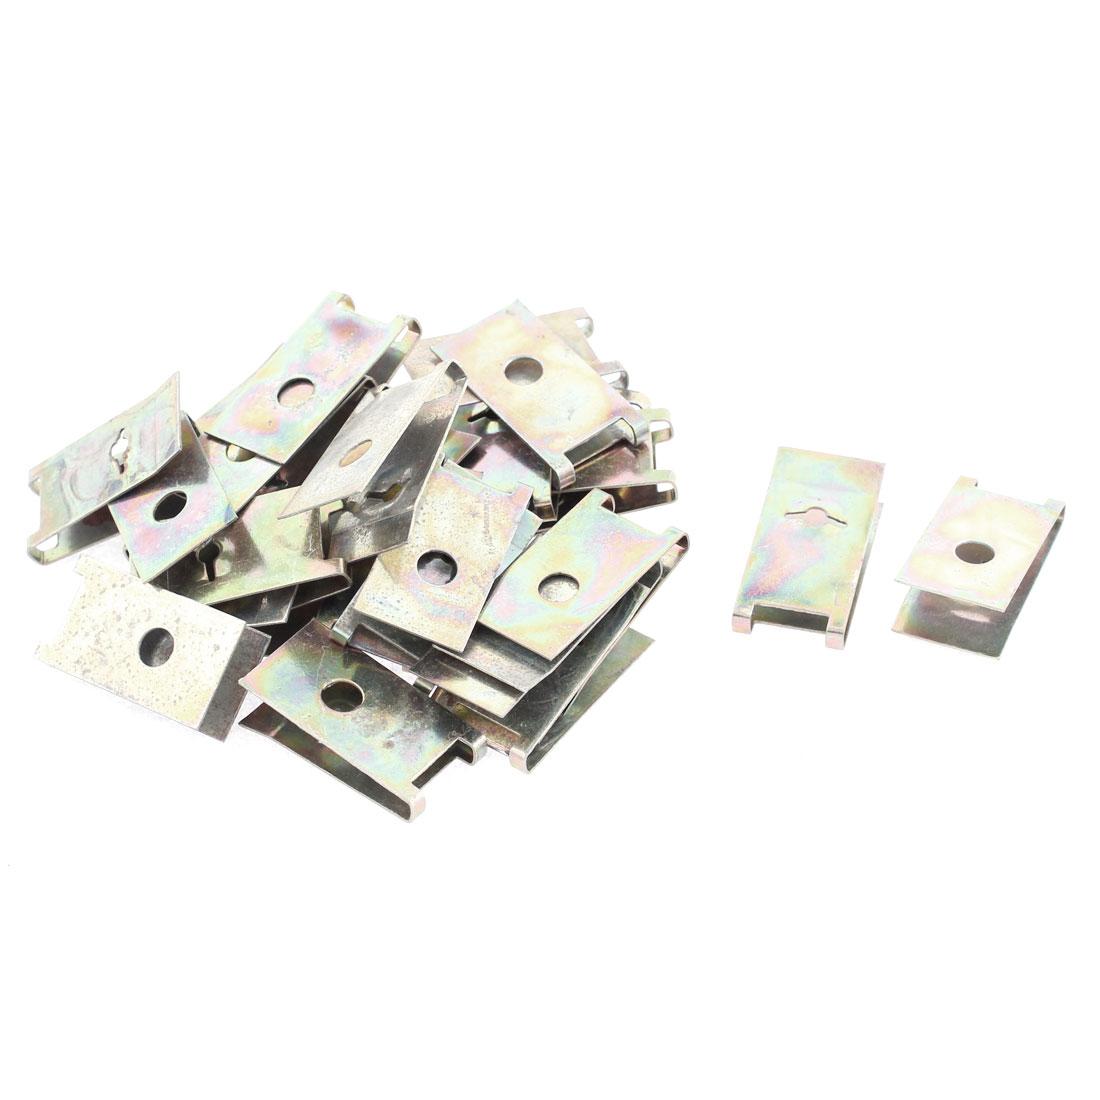 30 Pcs Bronze Tone Spring Metal Car Door Panel Spire Screw U-Type Clips 30mm x 15mm